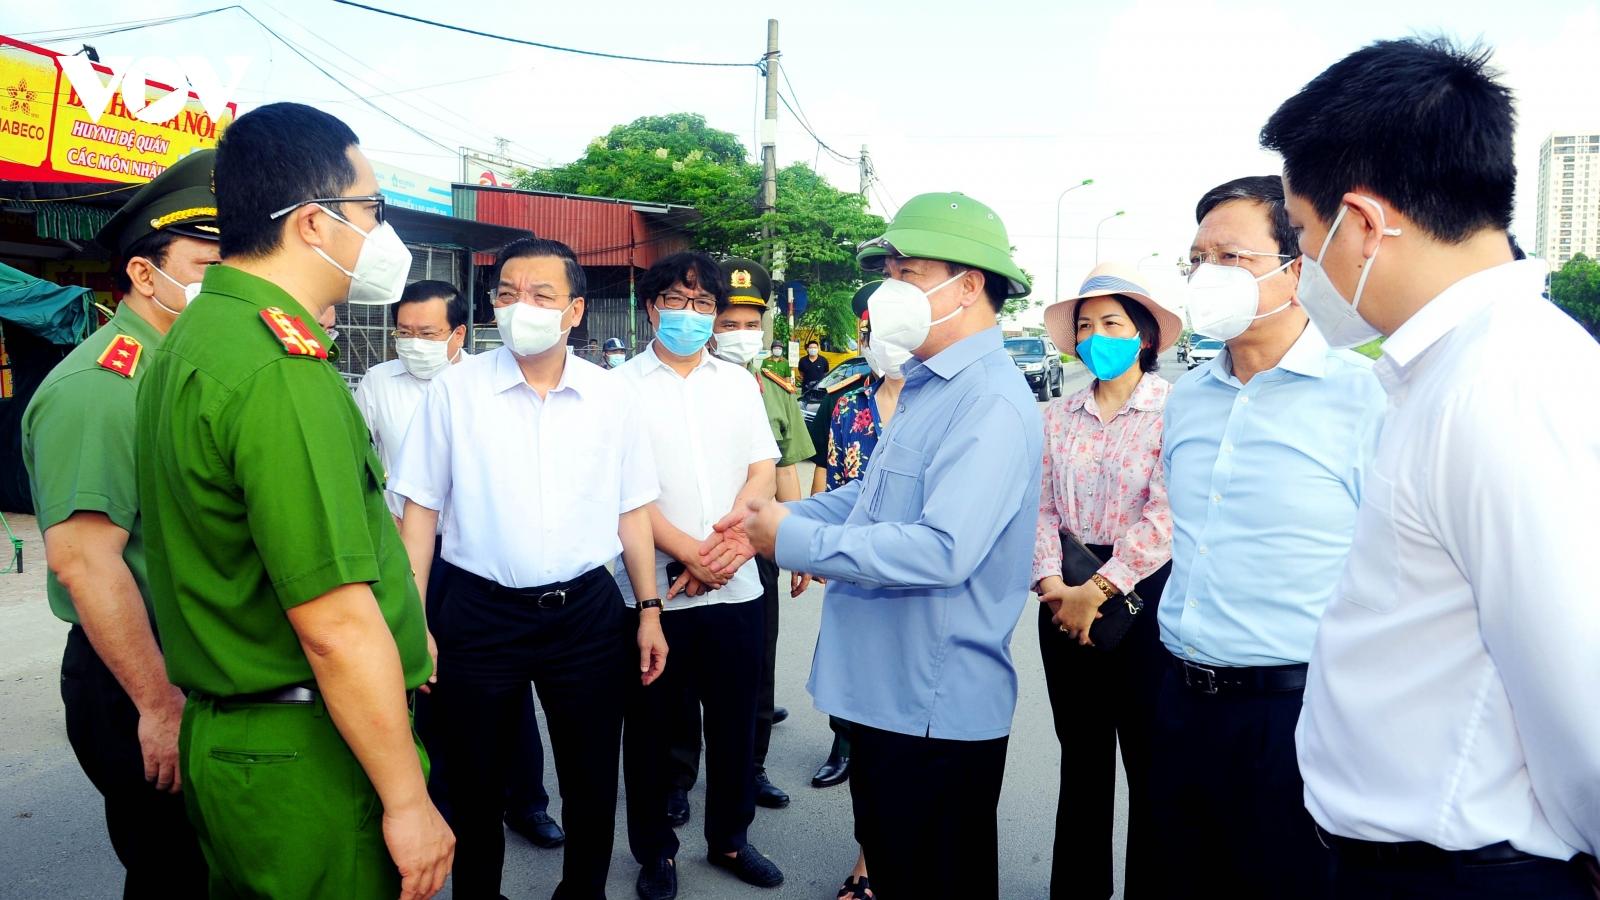 Thành ủy Hà Nội chỉ đạo khẩn trương công bố cấp độ dịch của Thành phố